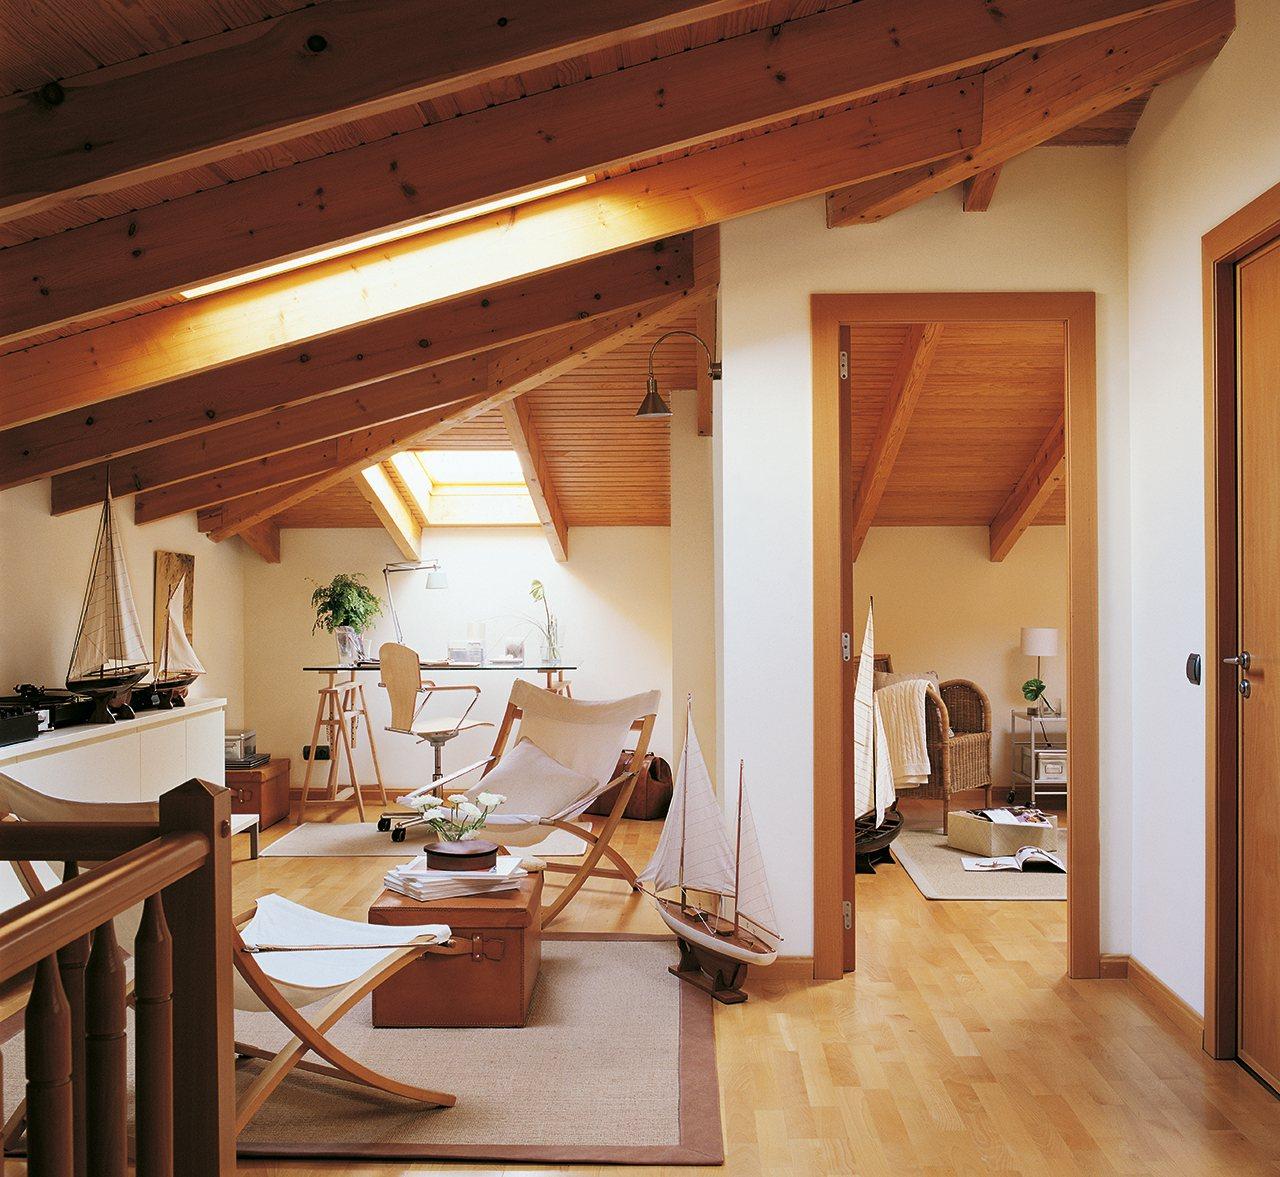 Antes y despu s de estudio a suite - Como reformar una casa ...